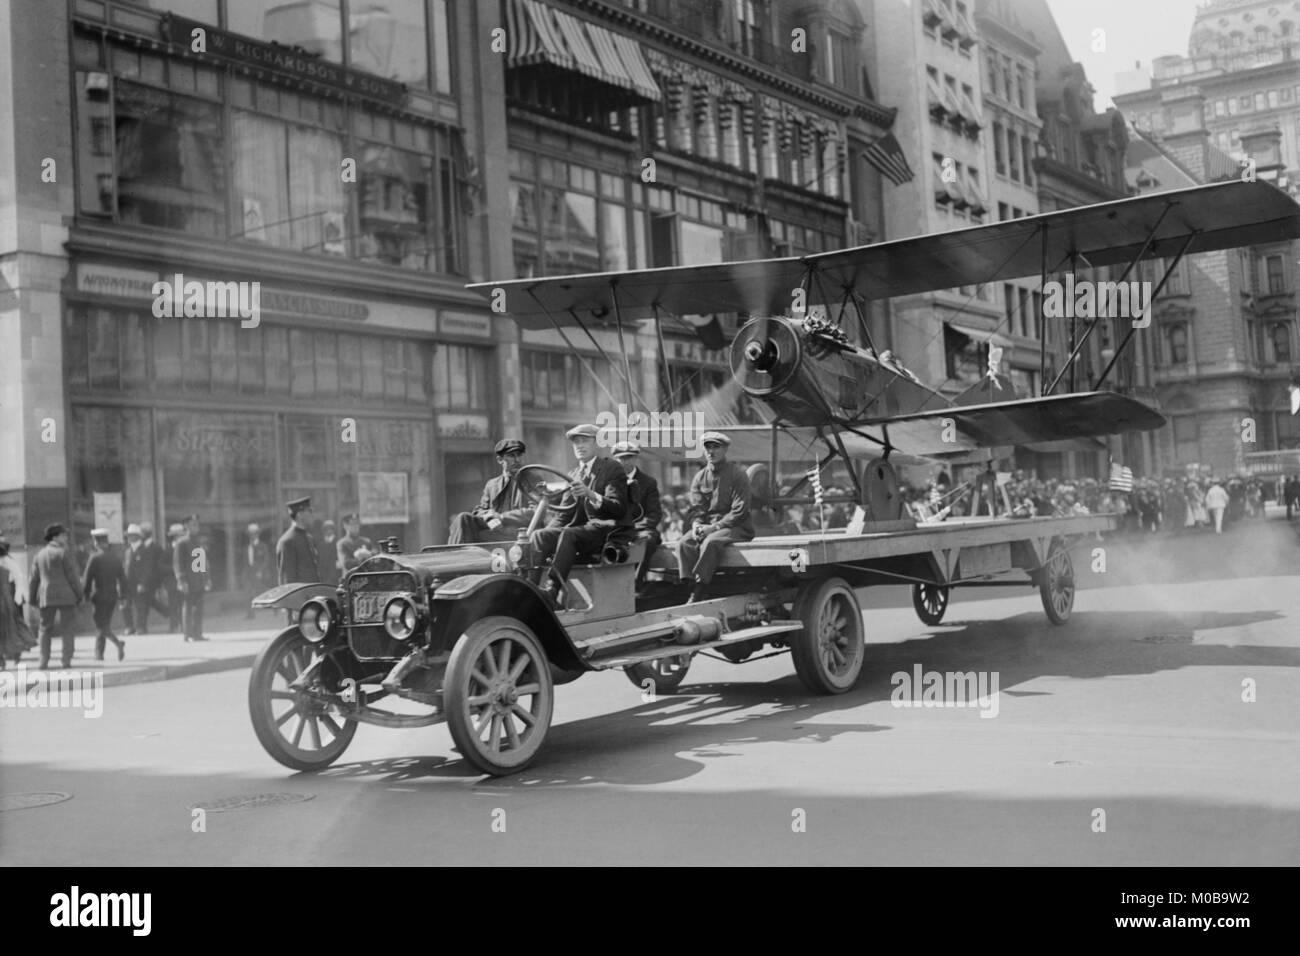 Biplano con elica di filatura viene trainato in basso Fifth Avenue di New York per il 4 luglio sfilata Immagini Stock